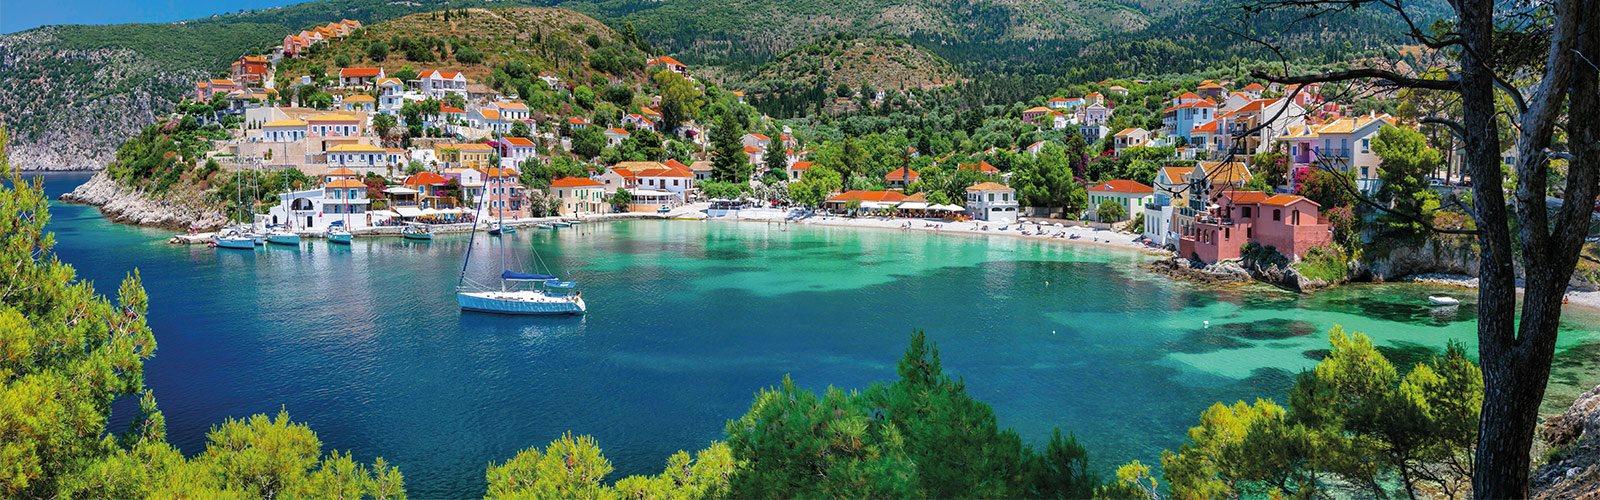 Bunte Häuser und Hafenpromenade des Fischerdorfes Assos auf Kefalonia